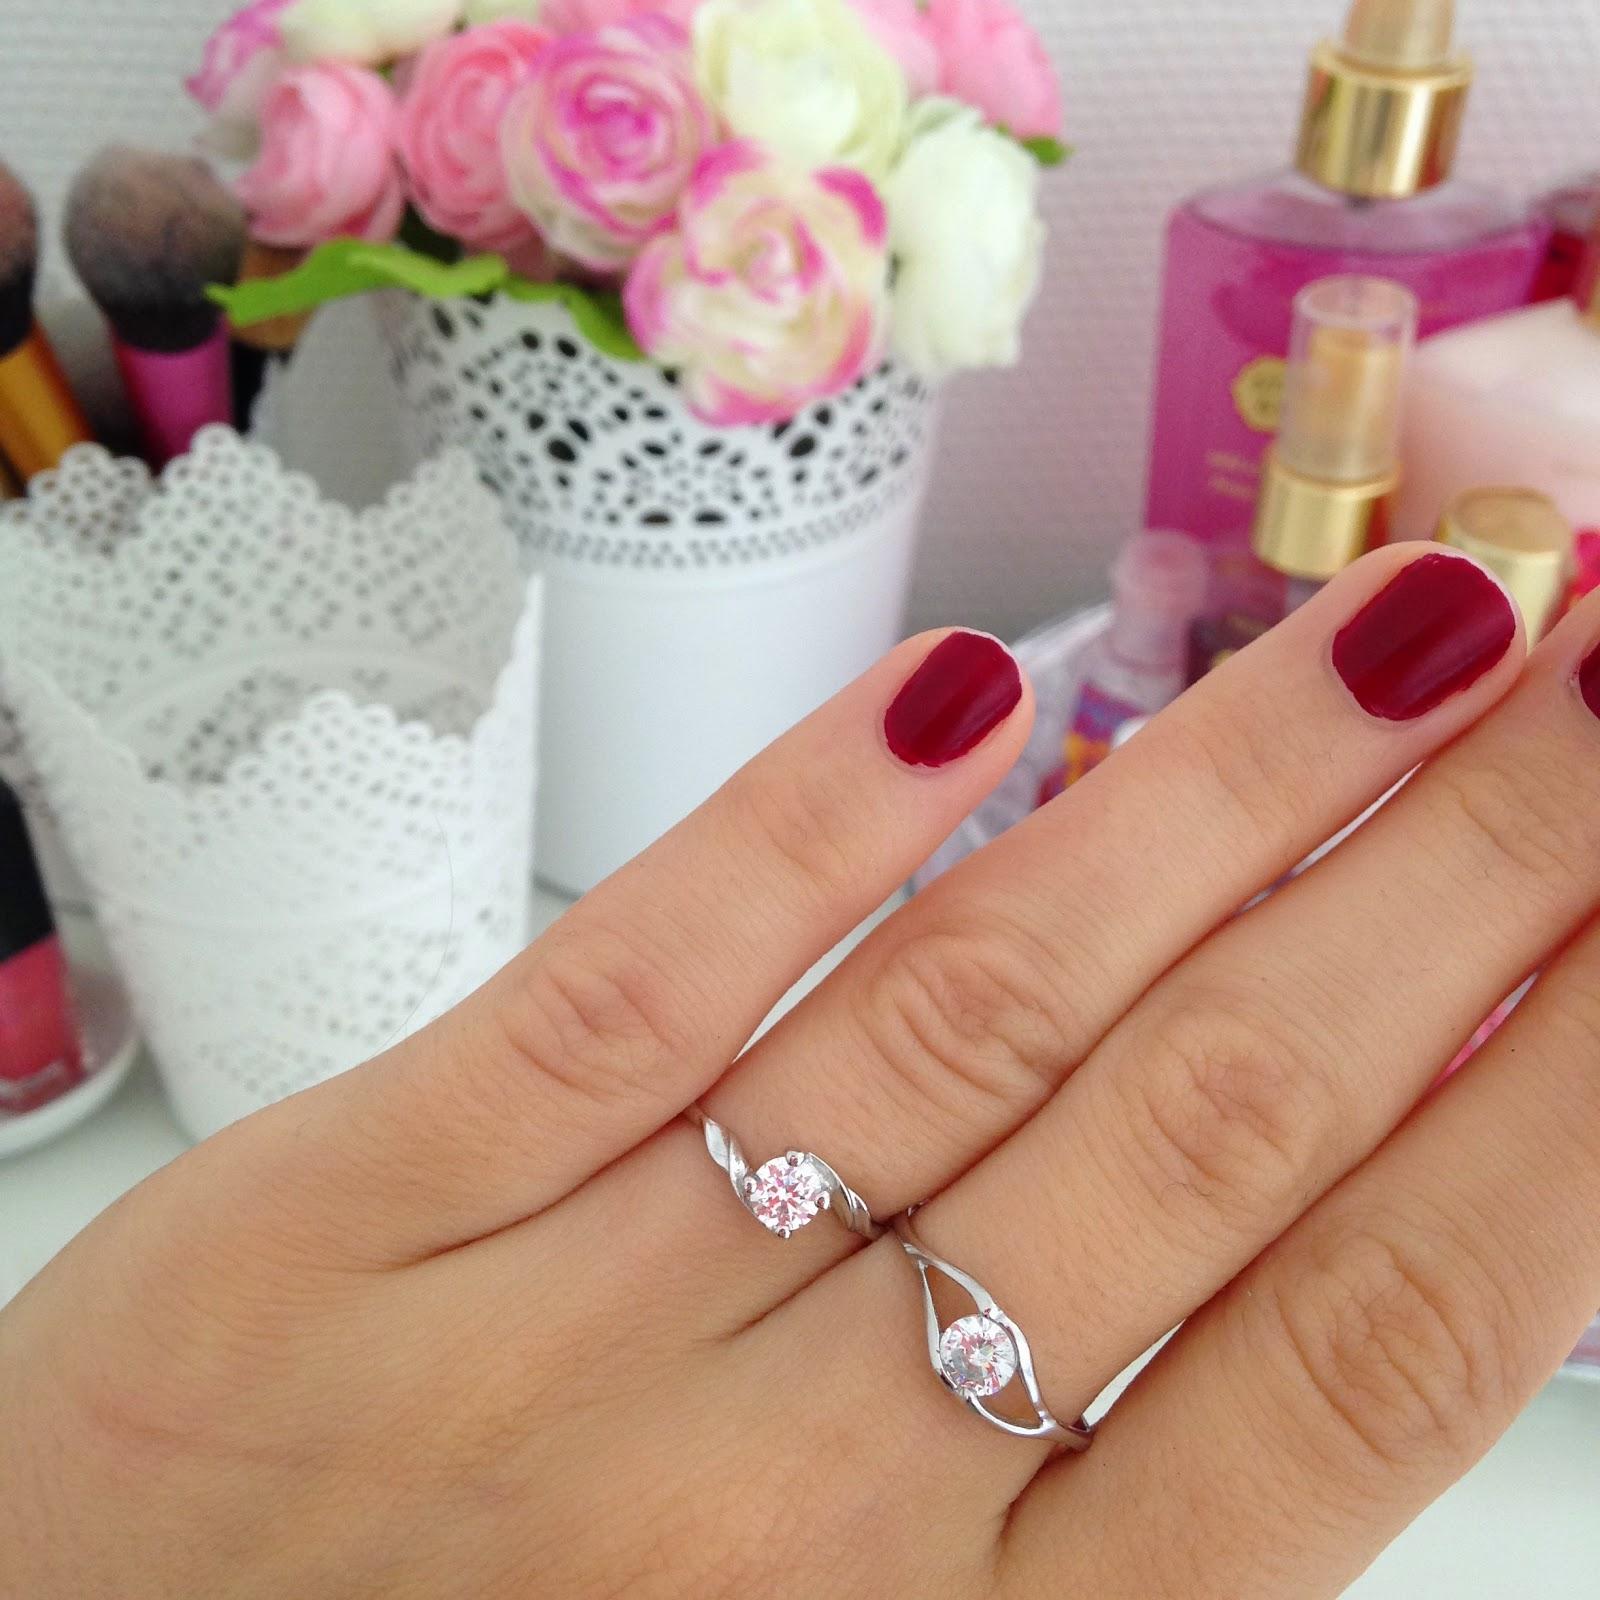 choisir le plus récent meilleur service grandes variétés Jewel Candle, la bougie surprise ! - Pauline Dress - Blog ...